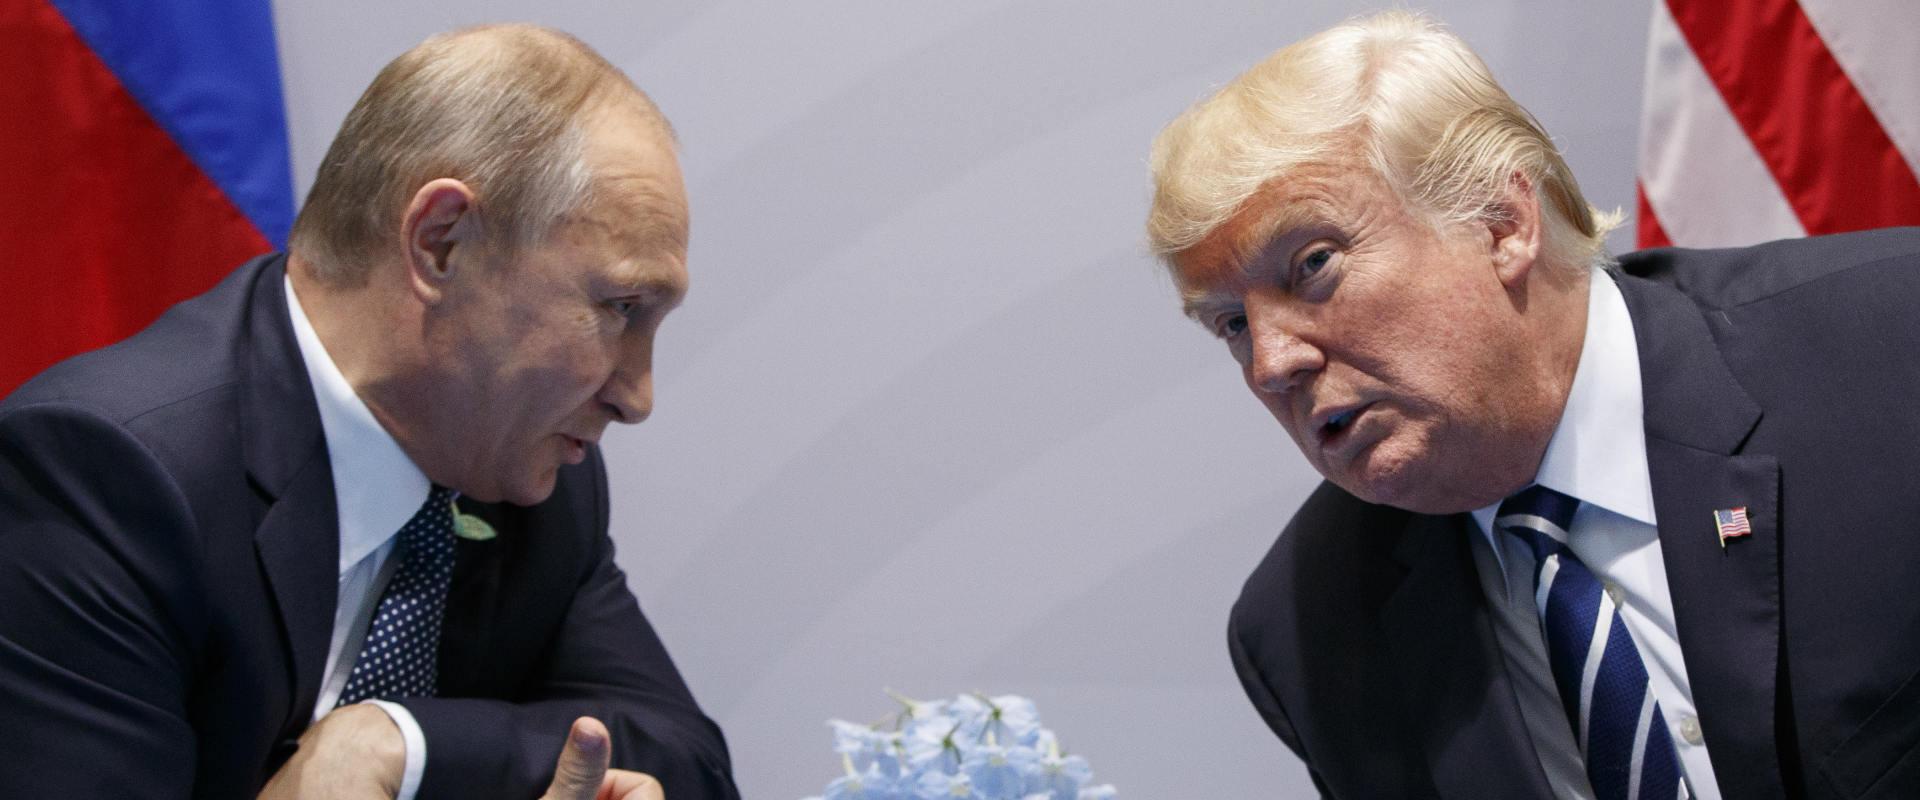 טראמפ ופוטין, אתמול